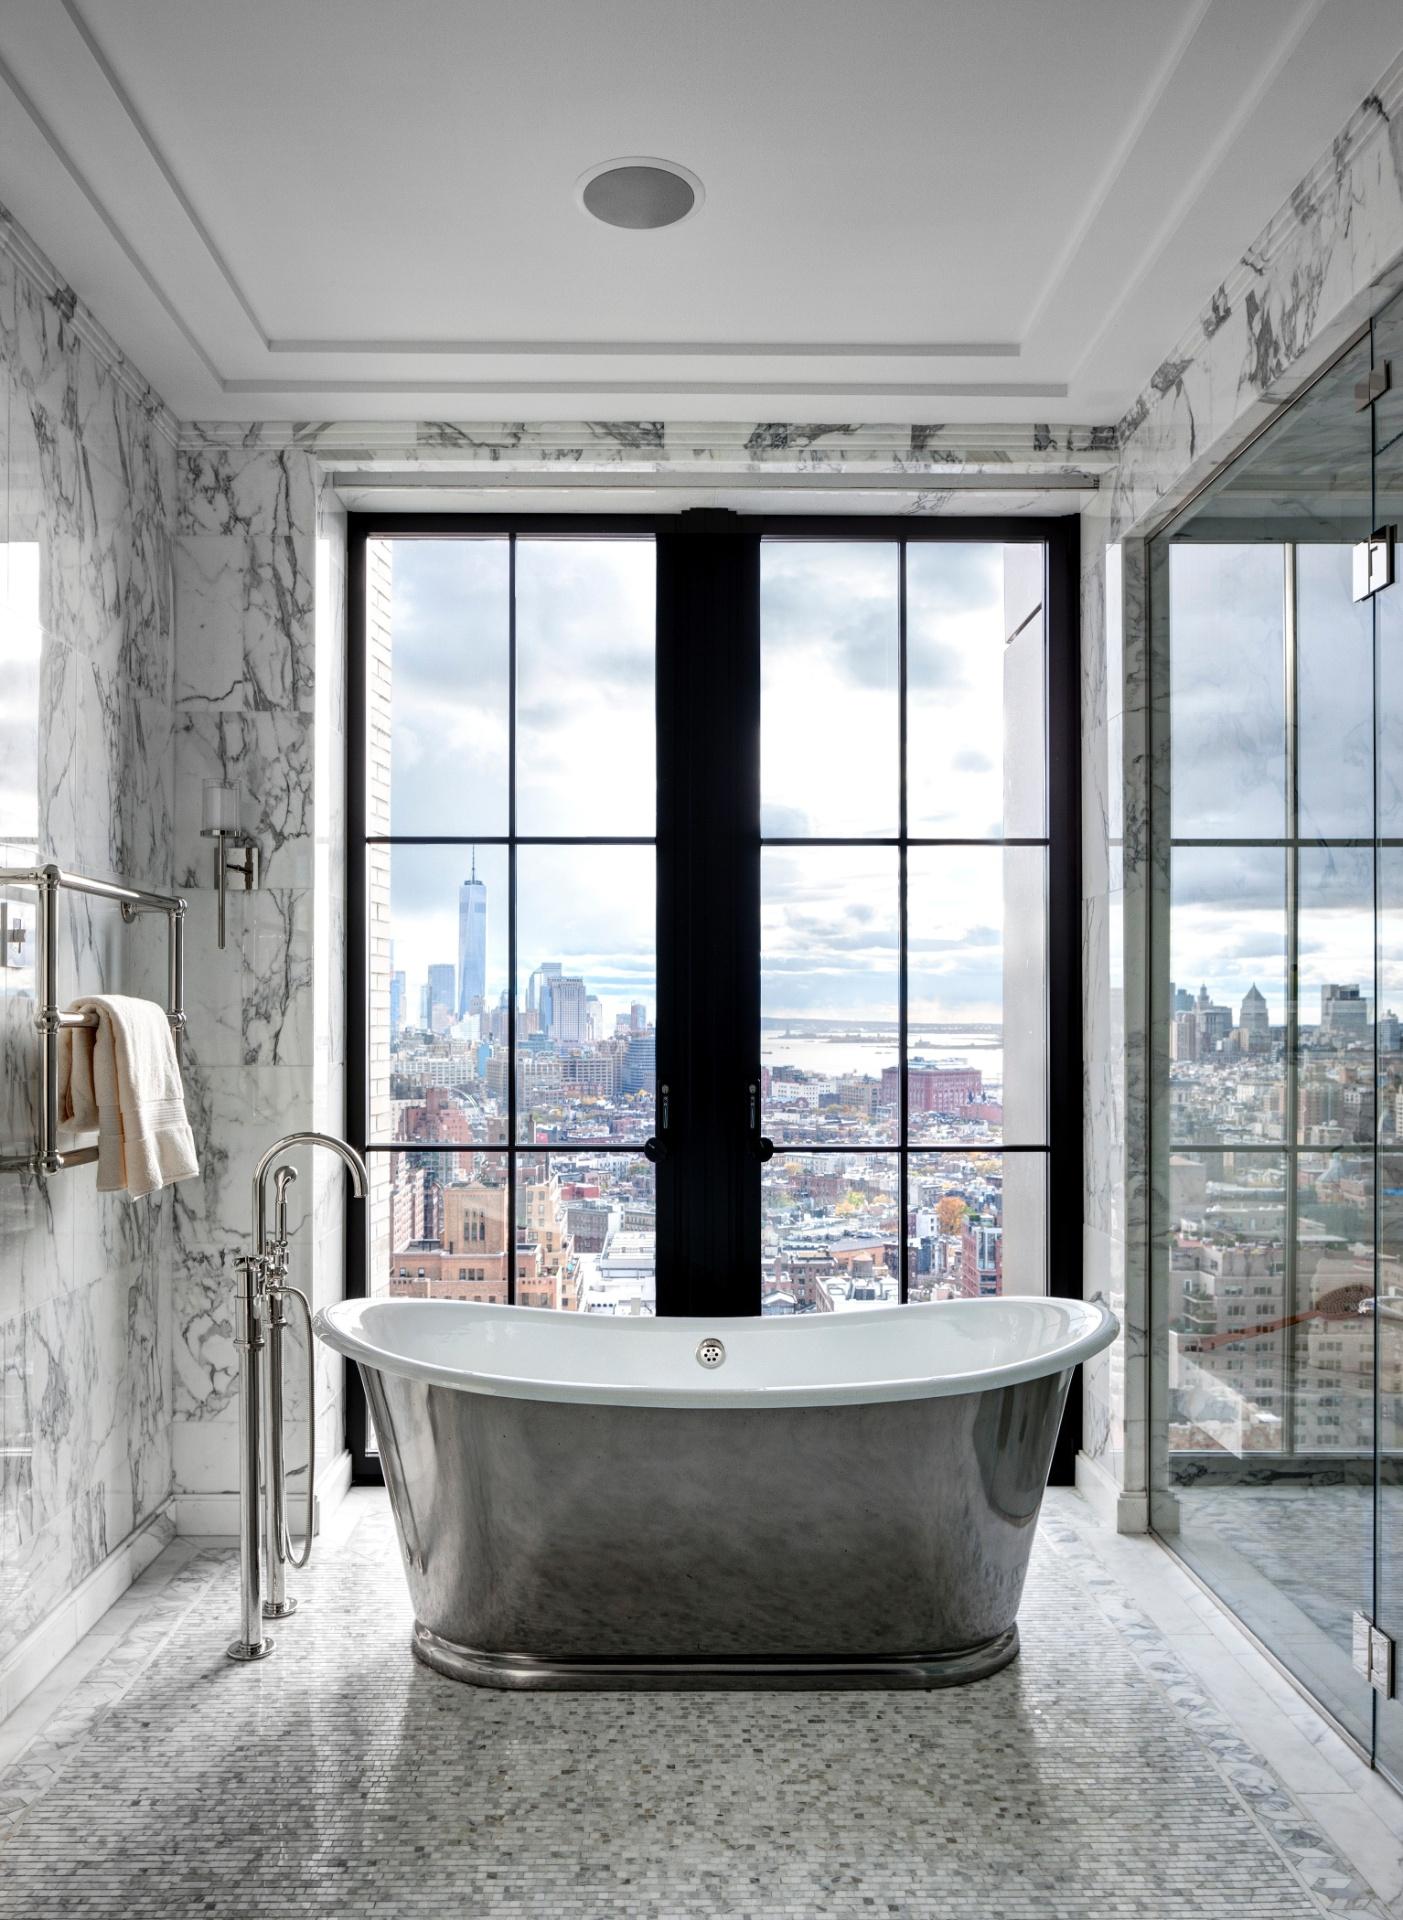 No edifício Walker Tower, localizado na rua 18th West, o banheiro da cobertura é revestido por mármore e tem portas-balcão com envidraçamento generoso. Em frente a uma delas, está posicionada uma elegante banheira com acabamento externo metálico - Imagem do NYT, usar apenas no respectivo material